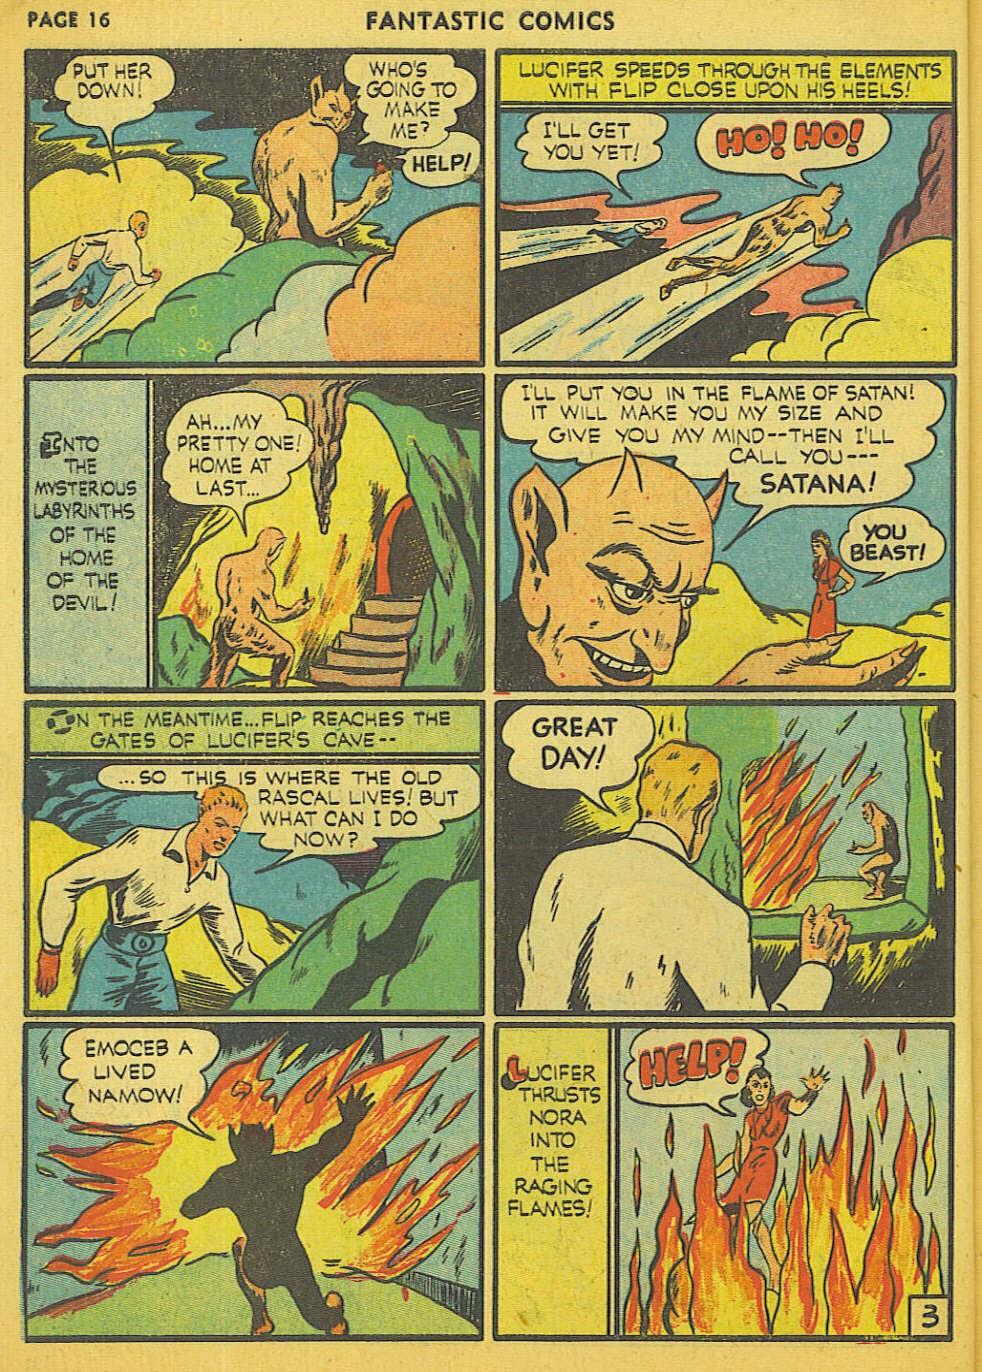 Read online Fantastic Comics comic -  Issue #15 - 9